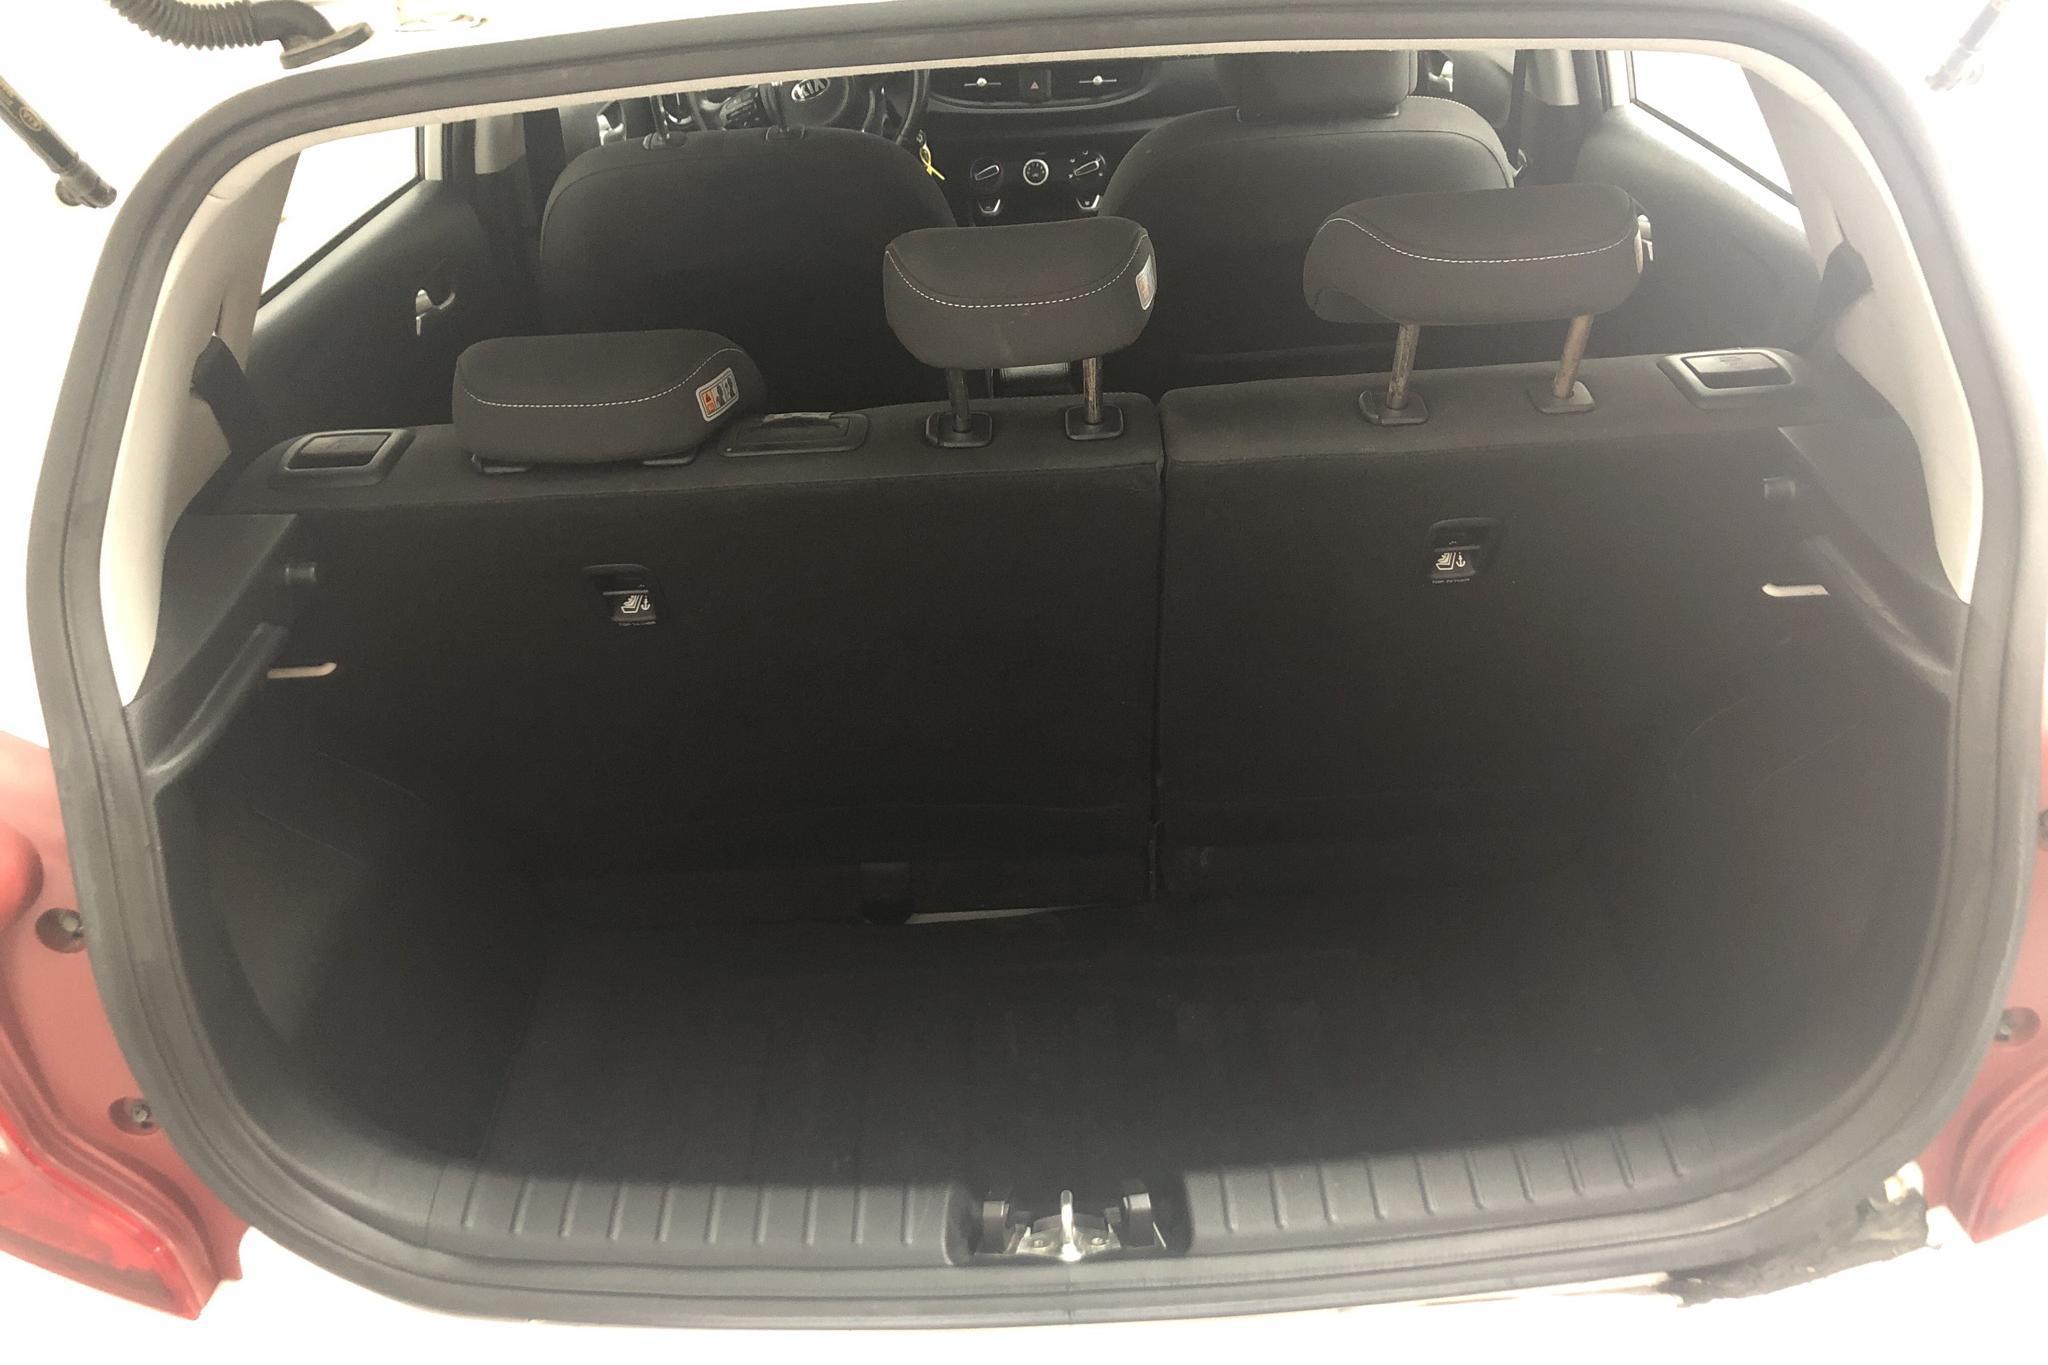 KIA Picanto 1.0 5dr (67hk) - 125 230 km - Manual - white - 2018